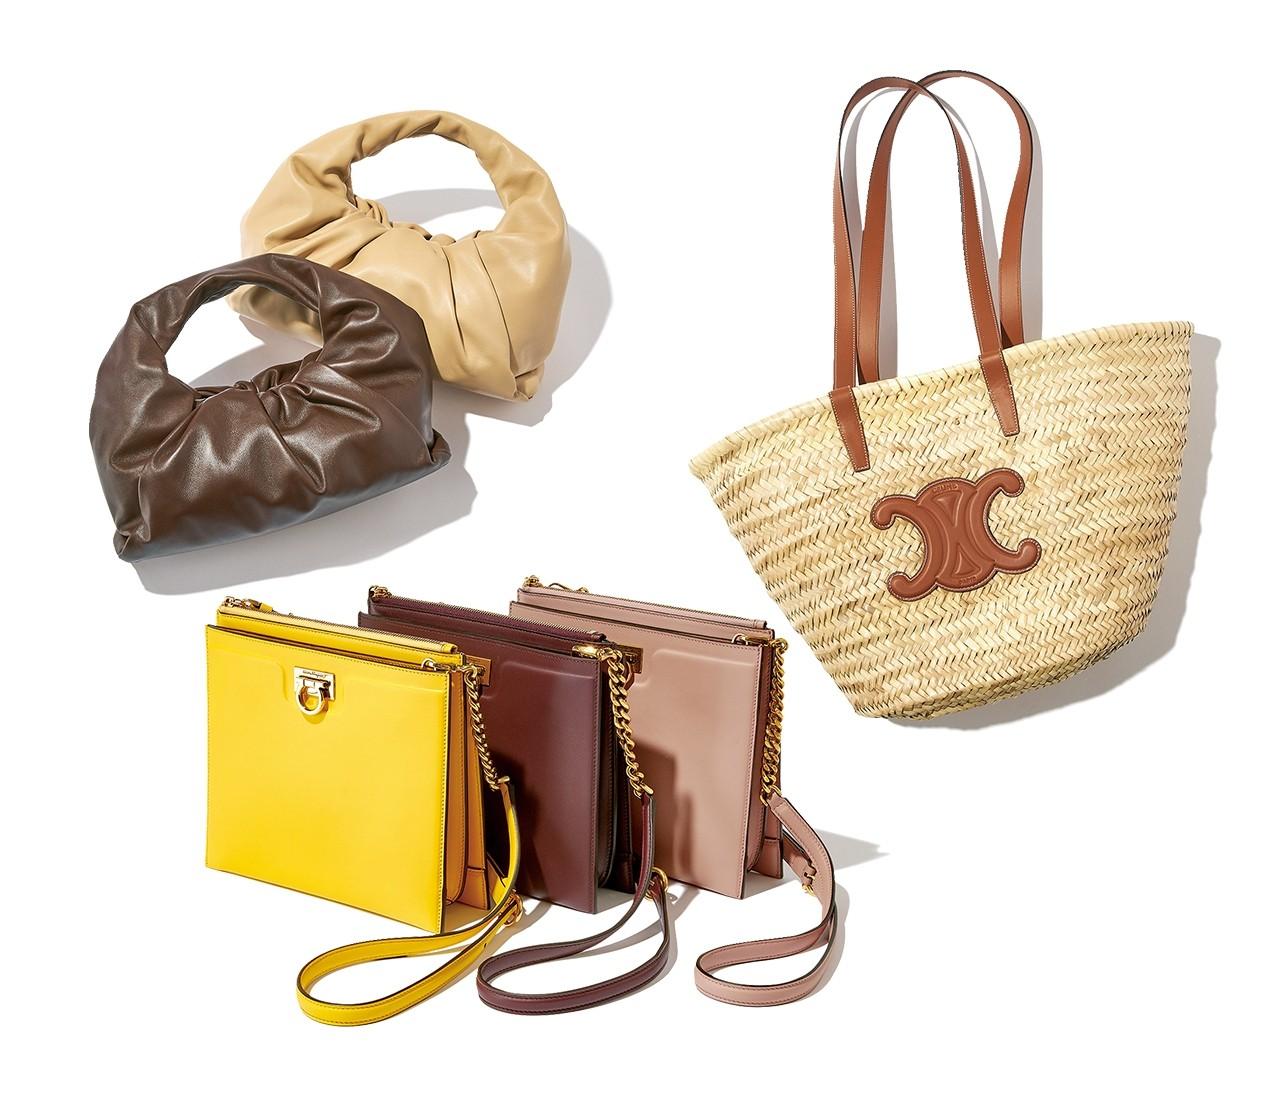 ボッテガ・ヴェネタの注目バッグからセリーヌのかごバッグまで【今月のおしゃれニュース】